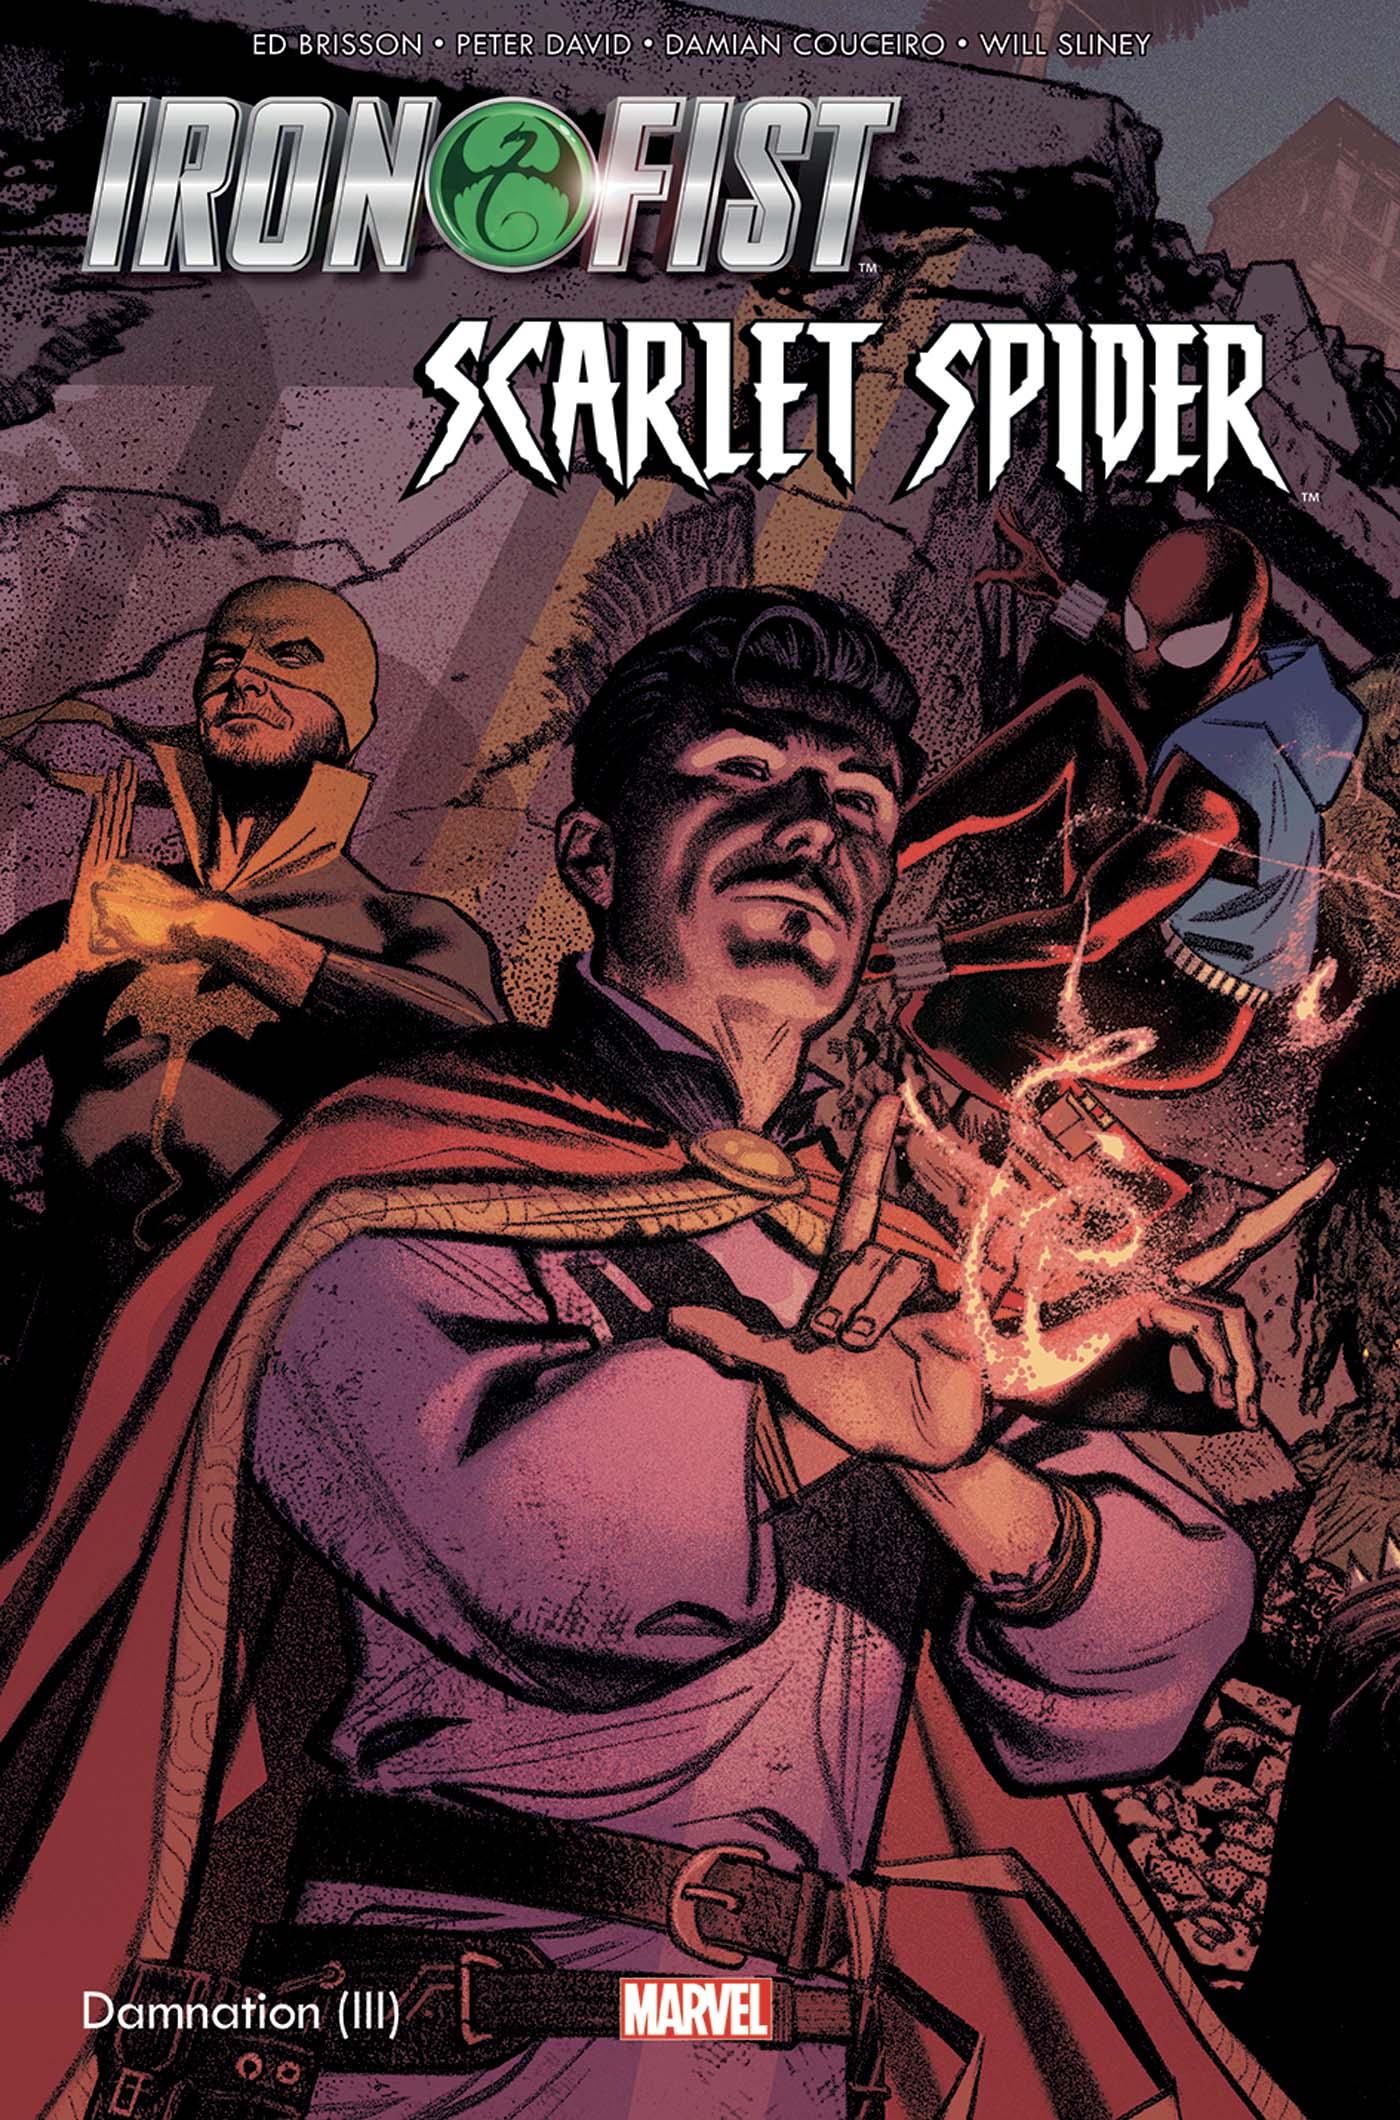 Damnation - Iron Fist et Scarlet Spider 1 - Damnation (III)